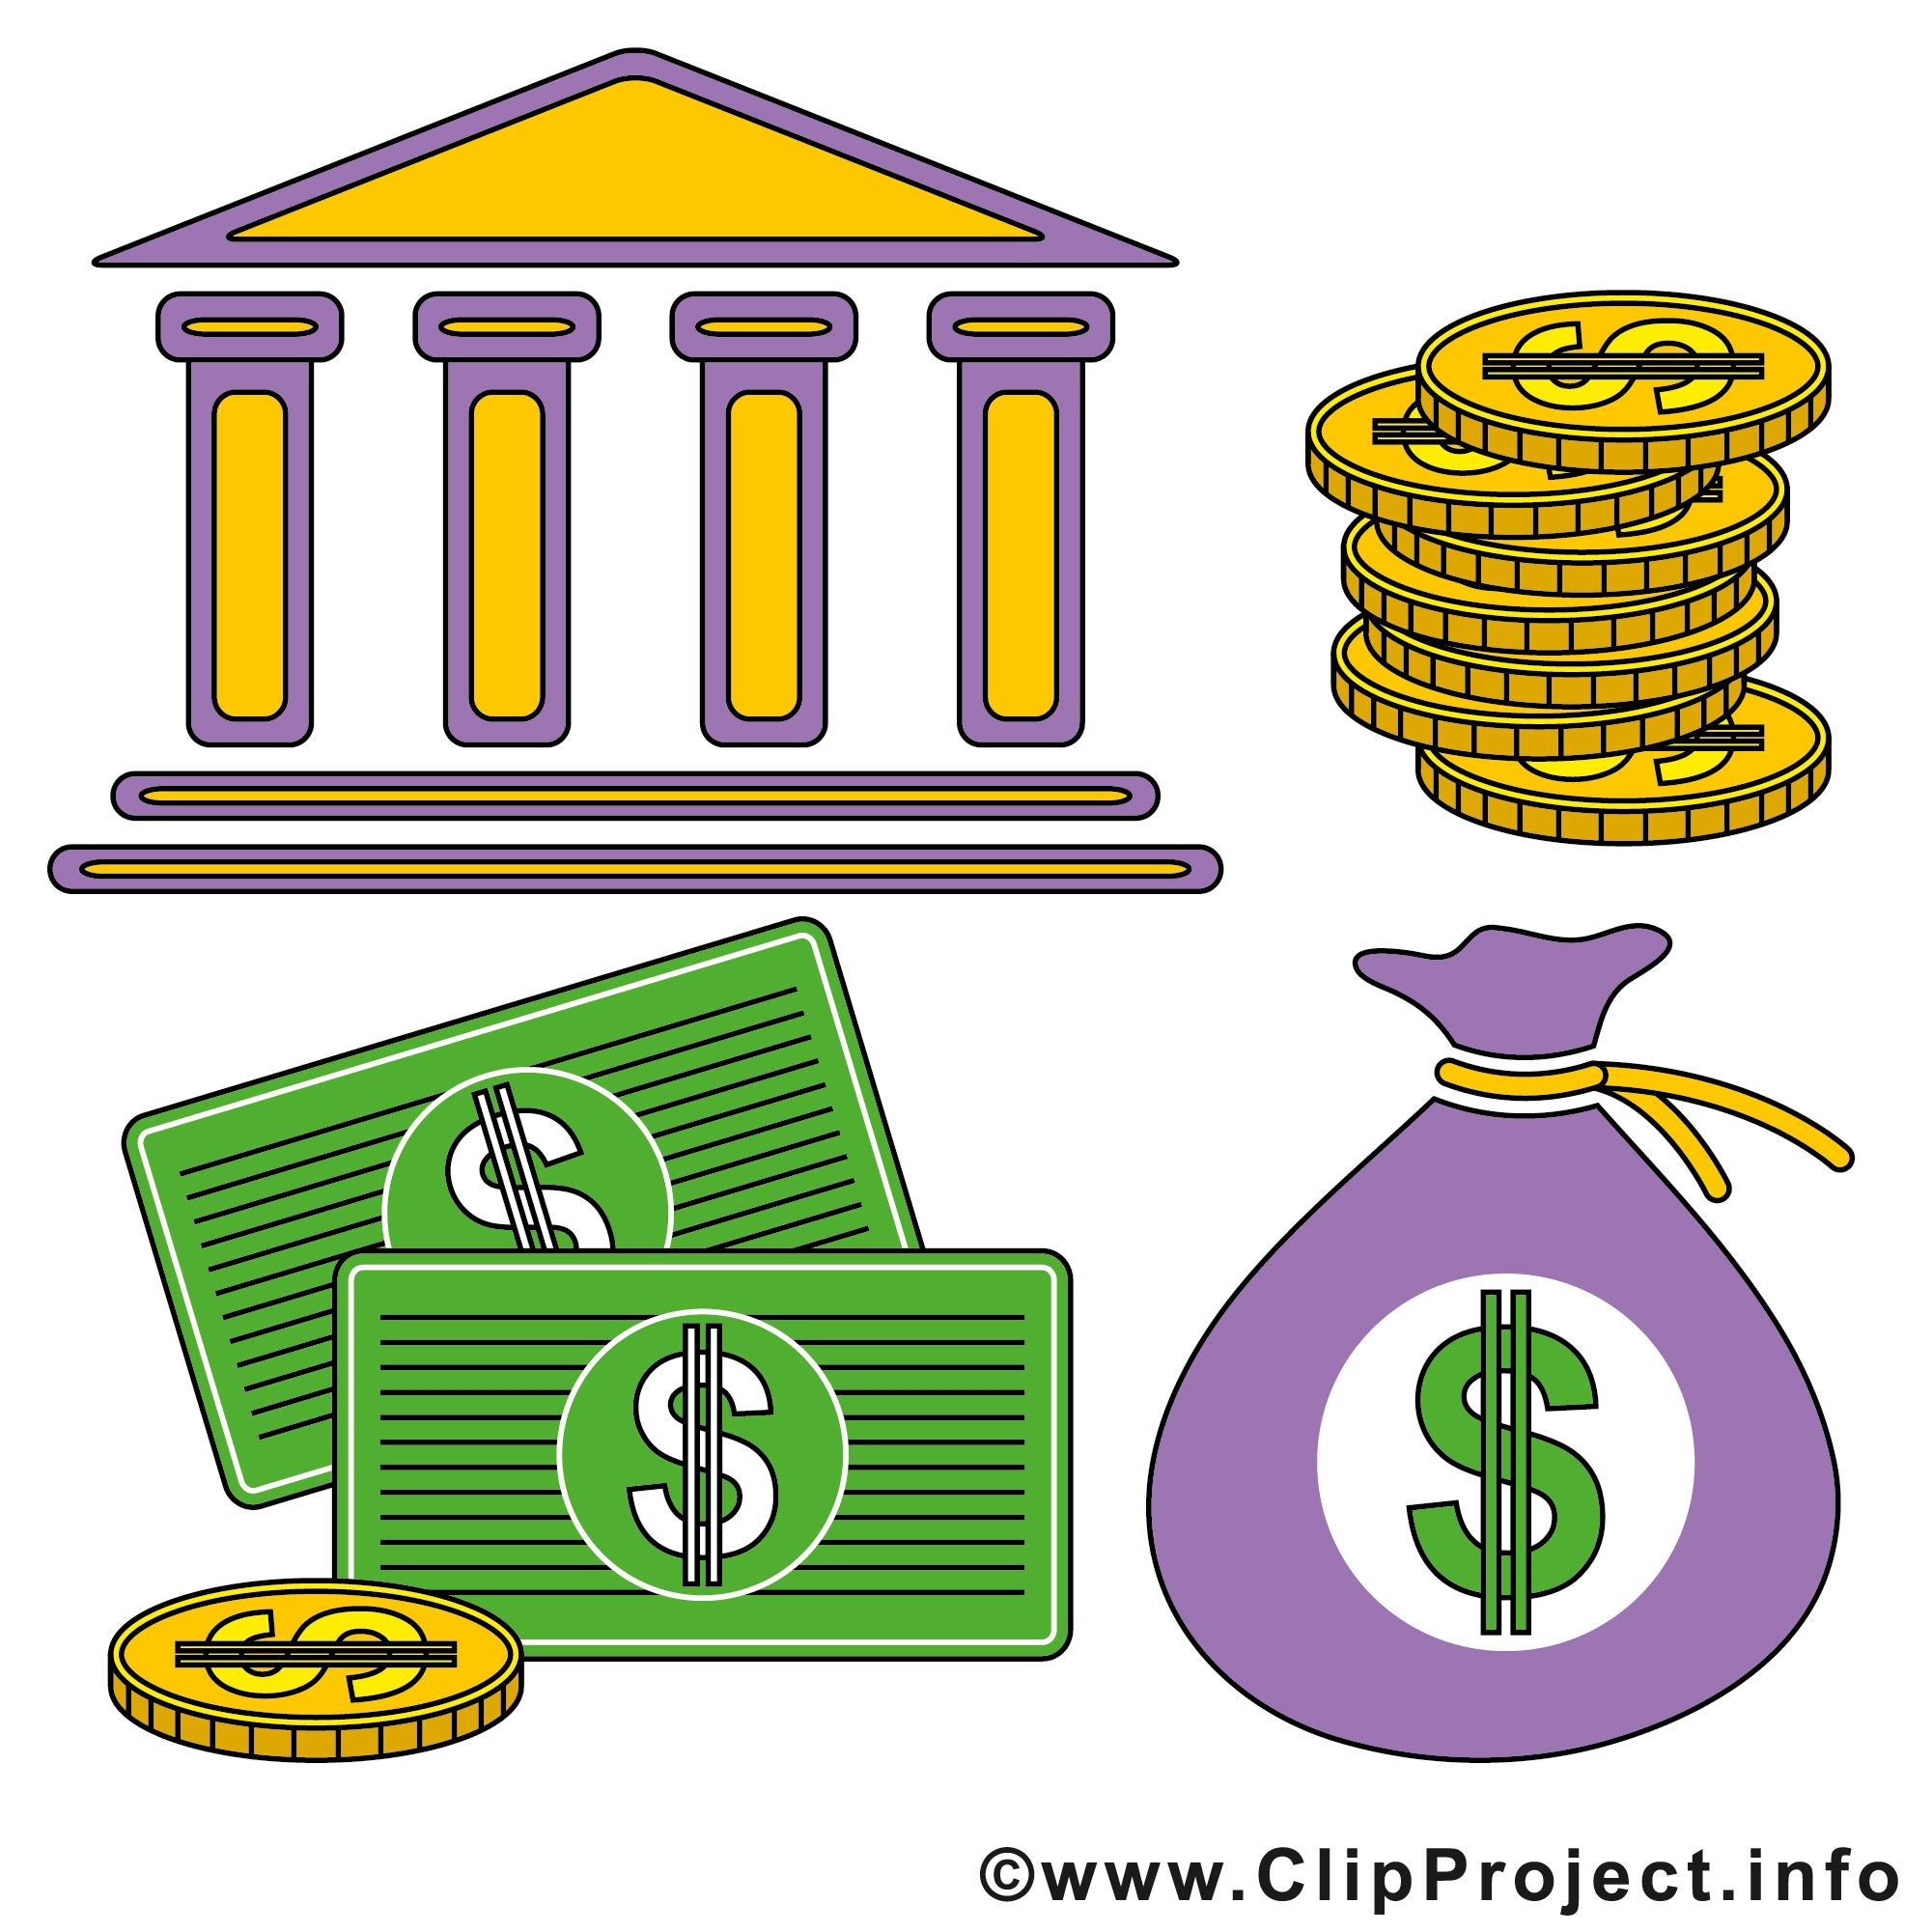 Bank clipart bank clip art .-Bank clipart bank clip art .-13